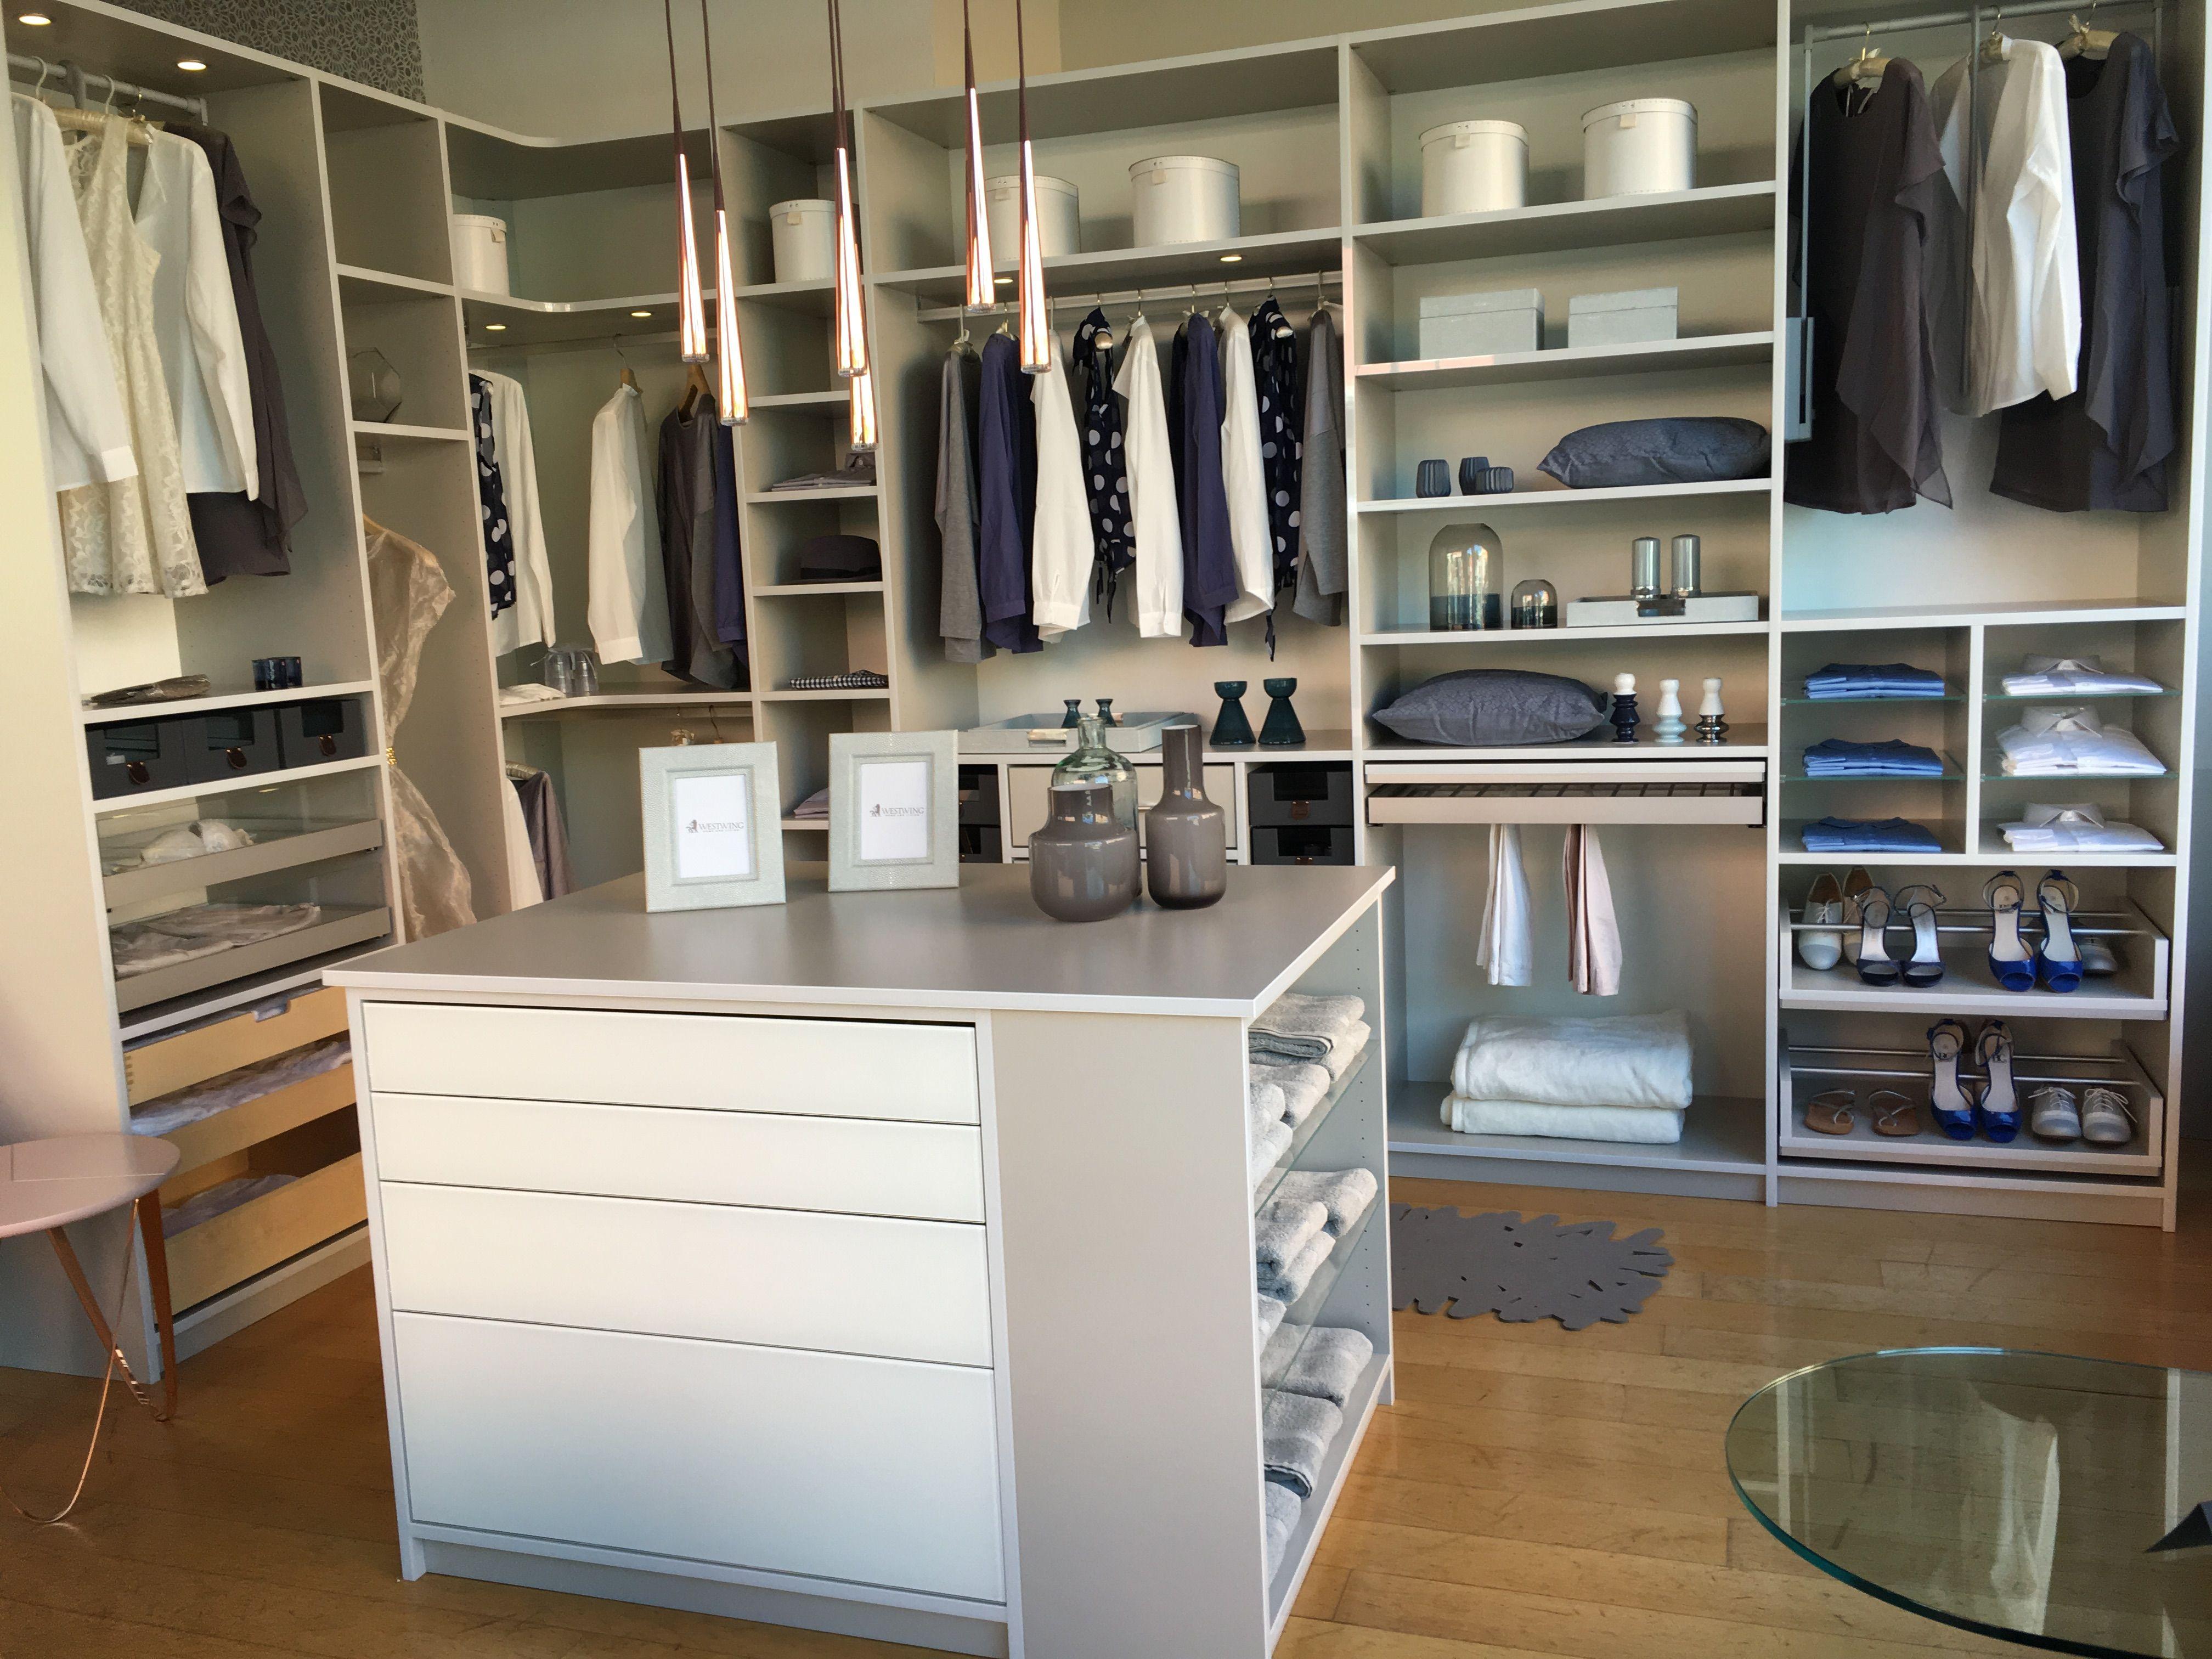 Einbauschränke nach Maß   Begehbare Kleiderschränke   Ankleide zimmer, Ankleidezimmer und ...